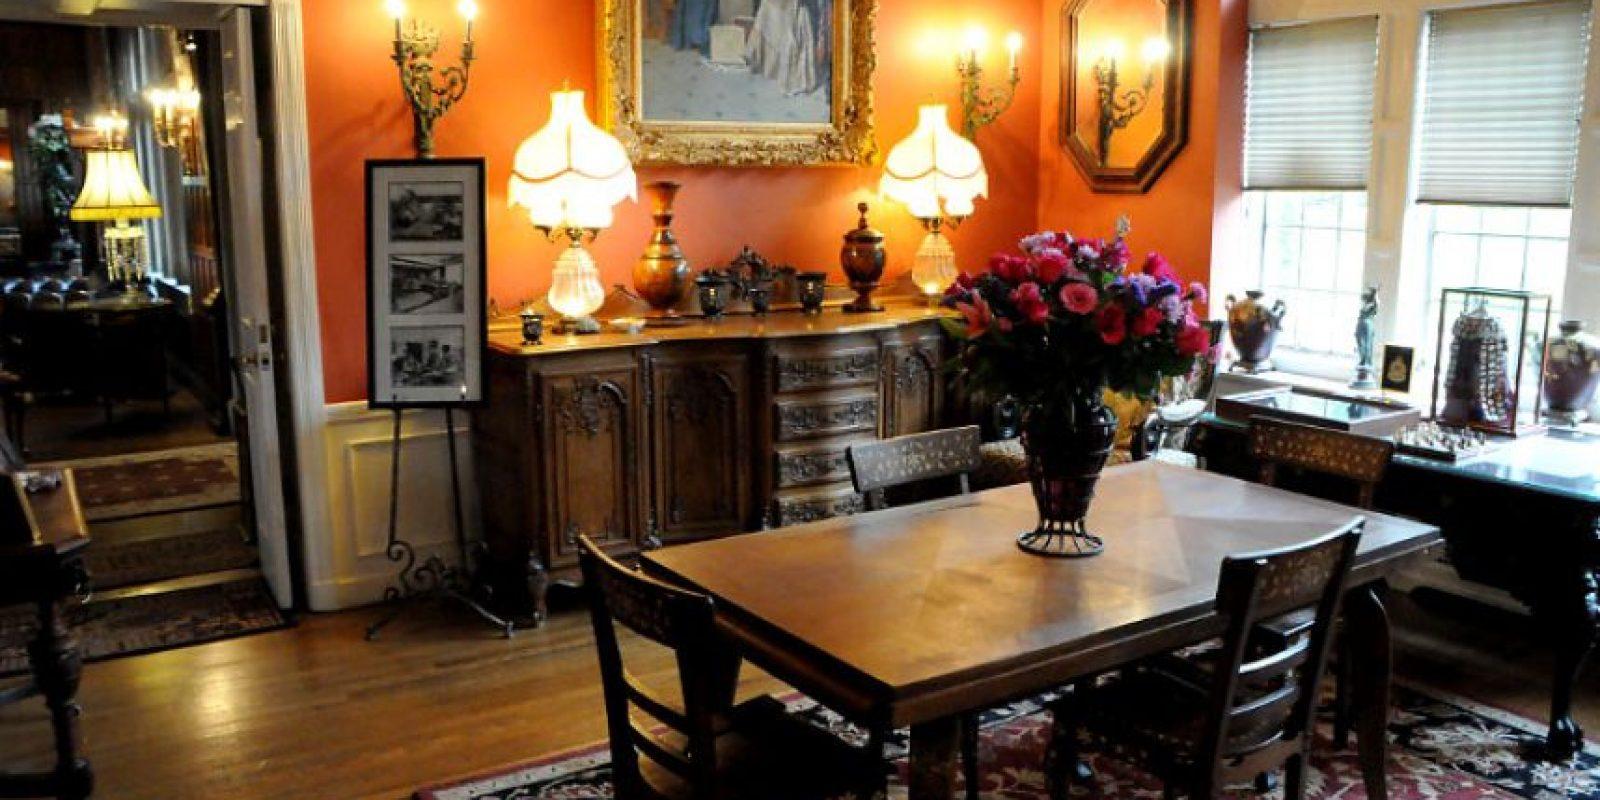 También se puede reservar para hacer eventos Foto:Thornewoodcastle.com